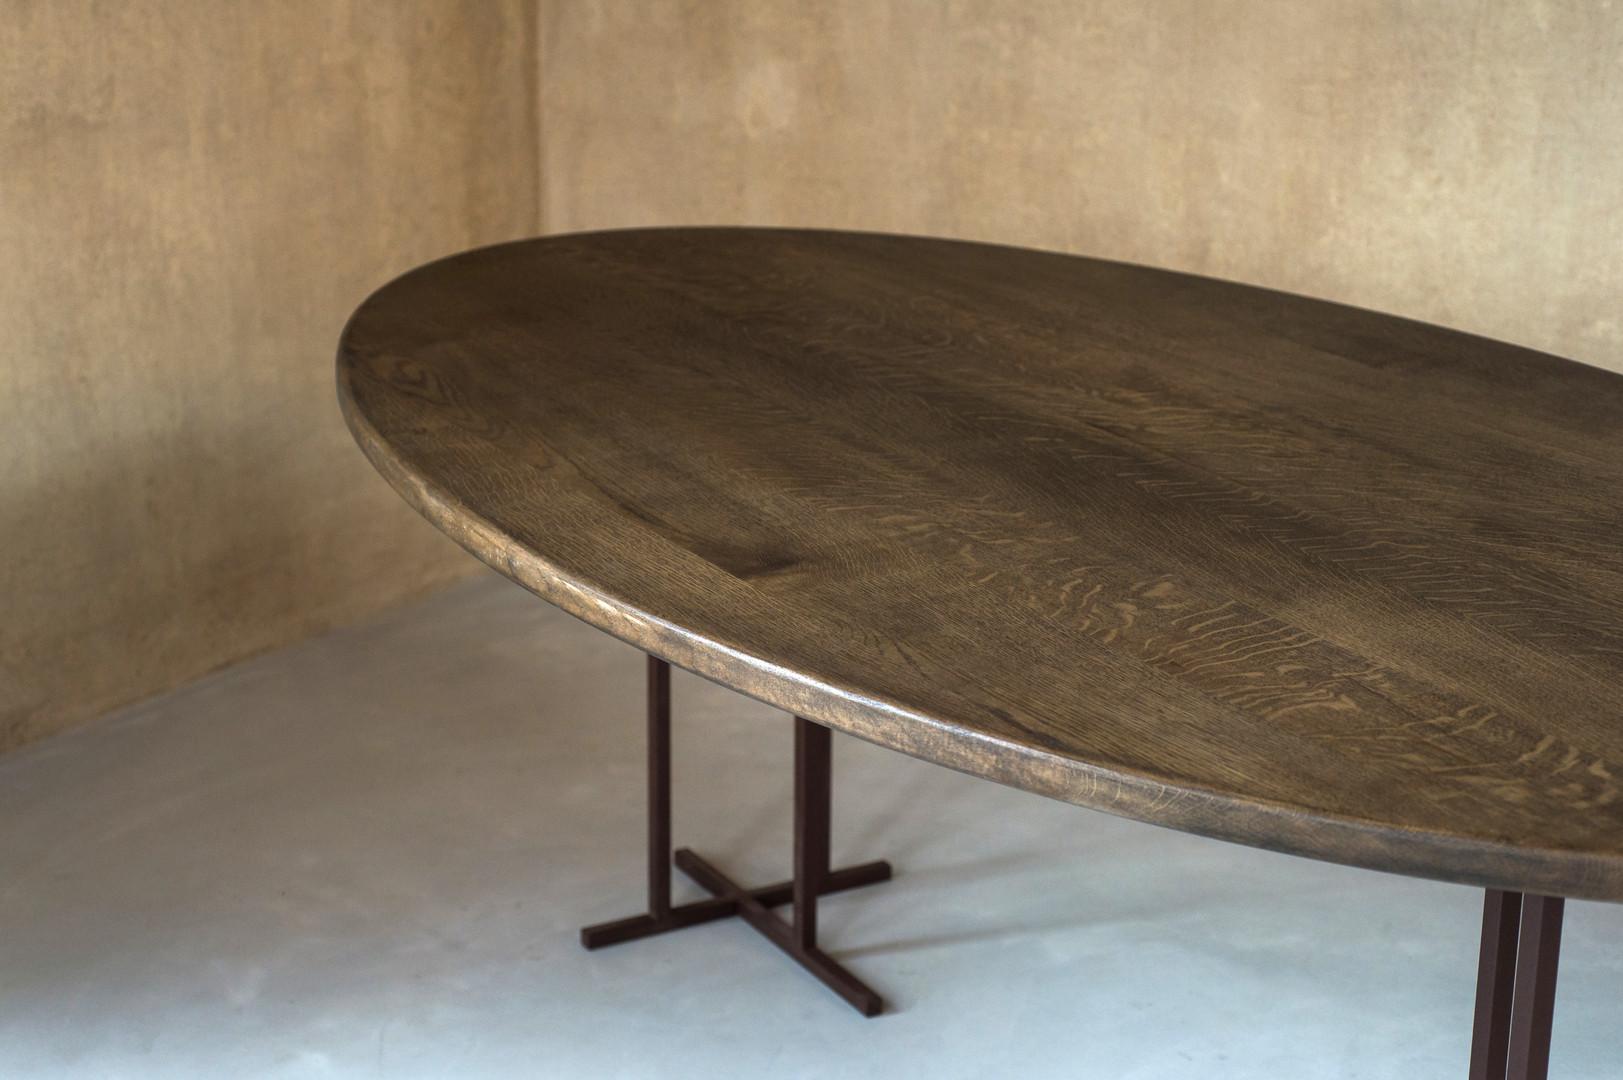 Table en chêne massif certifié PEFC